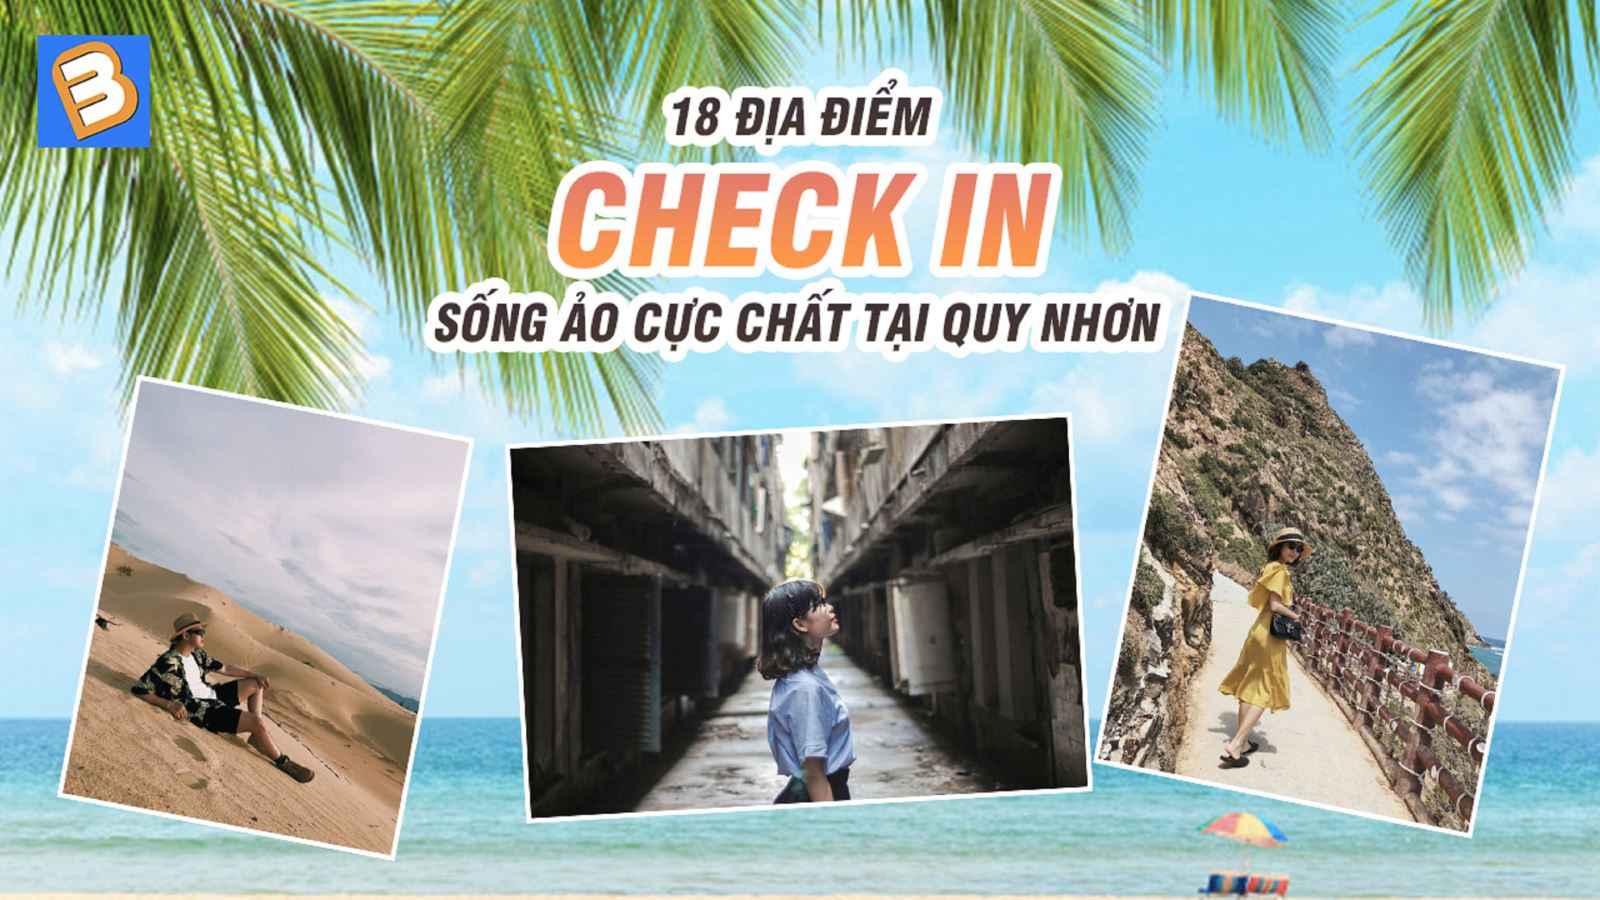 18 địa điểm check in sống ảo cực chất tạiQuy Nhơn